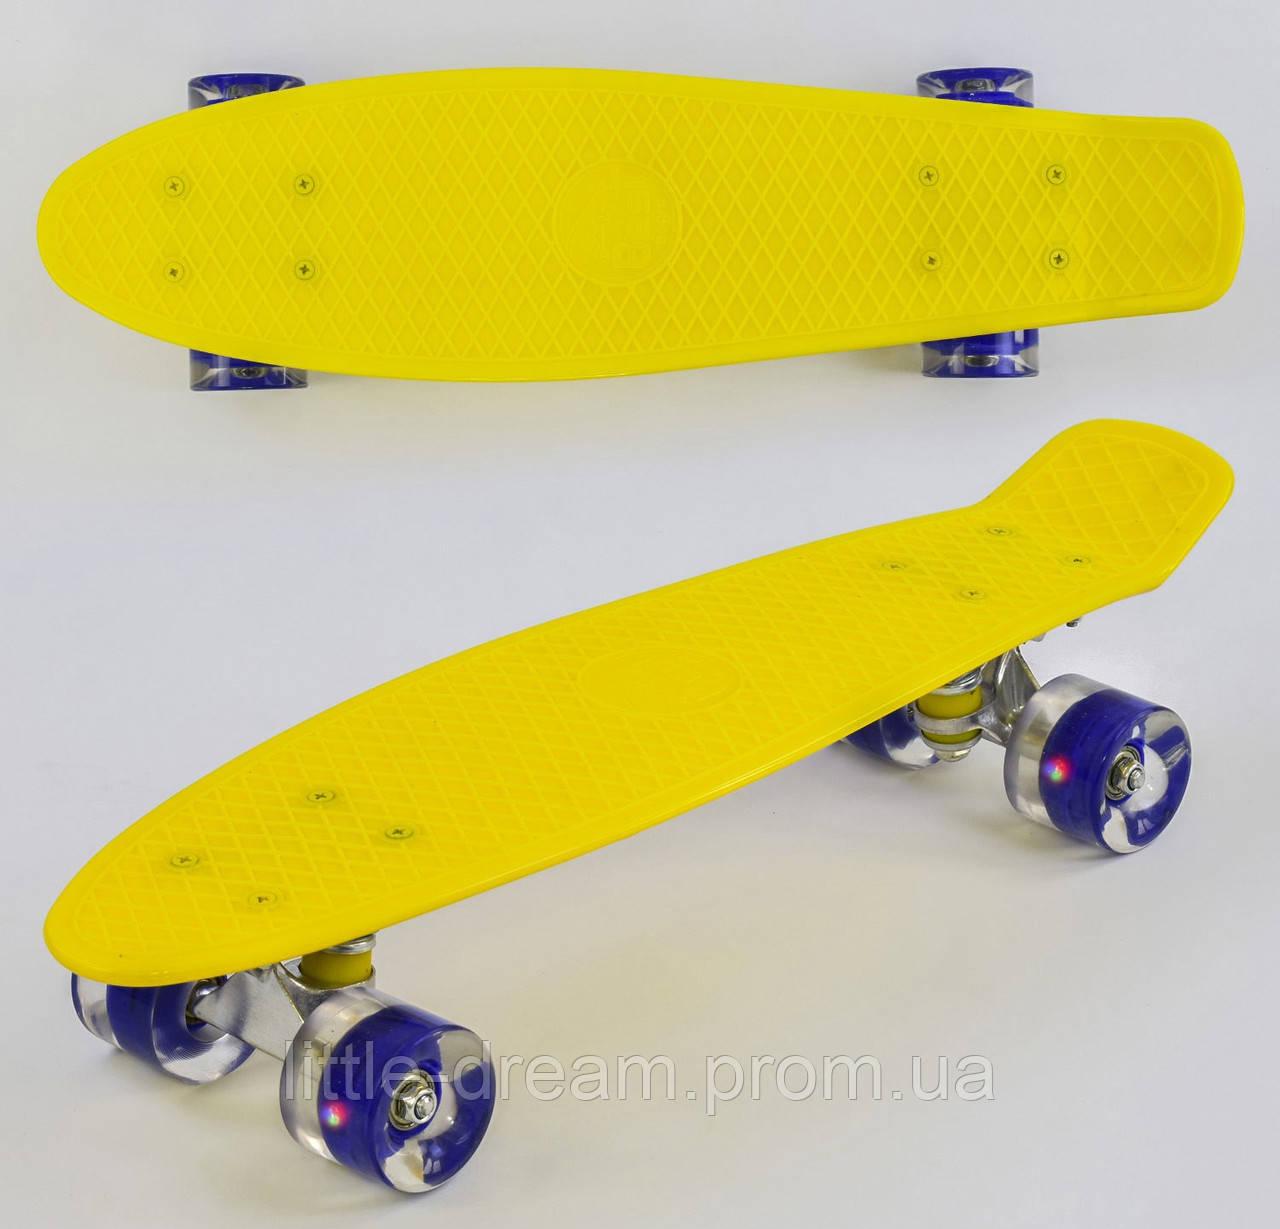 Скейт ( Пенниборд ) Best Board лонгборд доска 55 см, колёса PU, светятся желтый